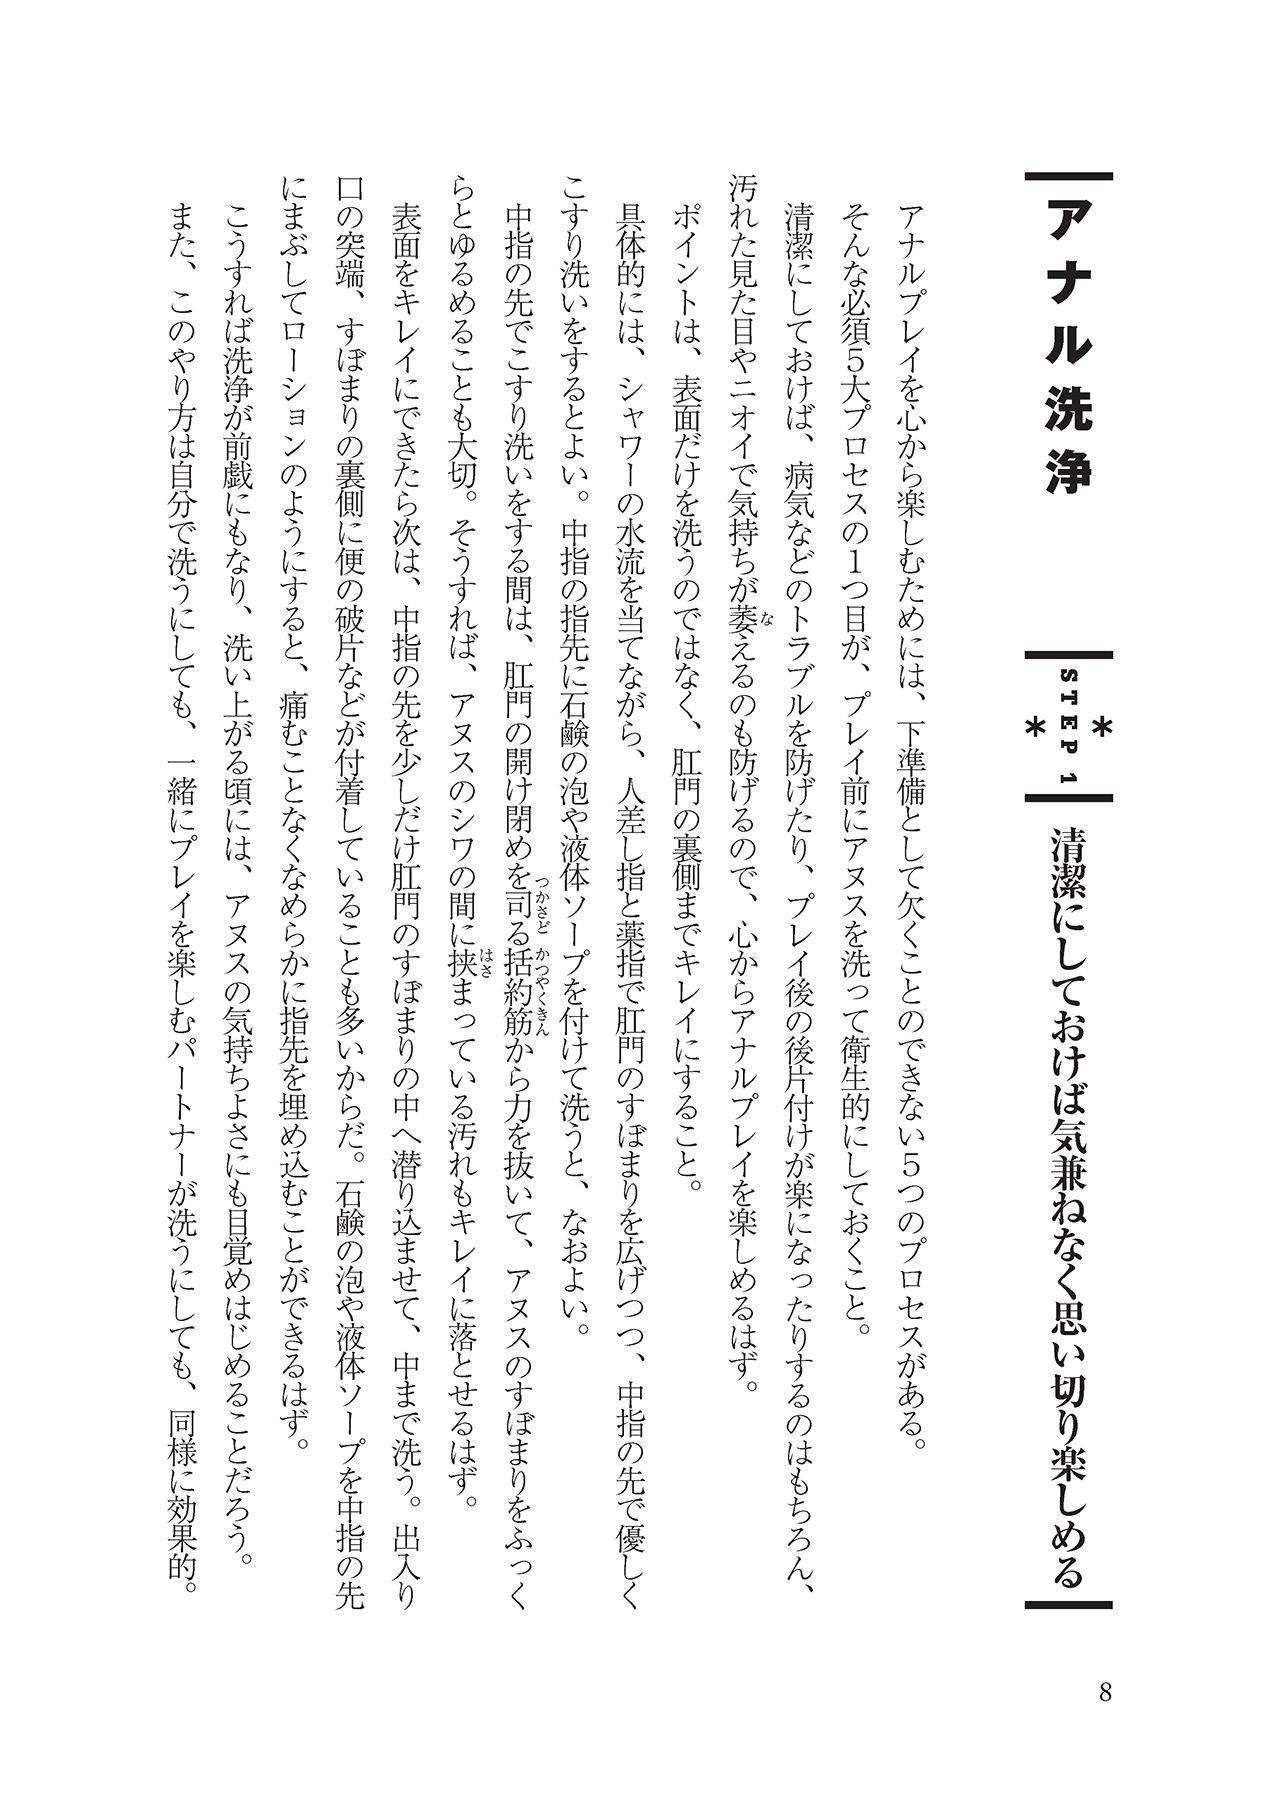 アナル性感開発・お尻エッチ 完全マニュアル 9